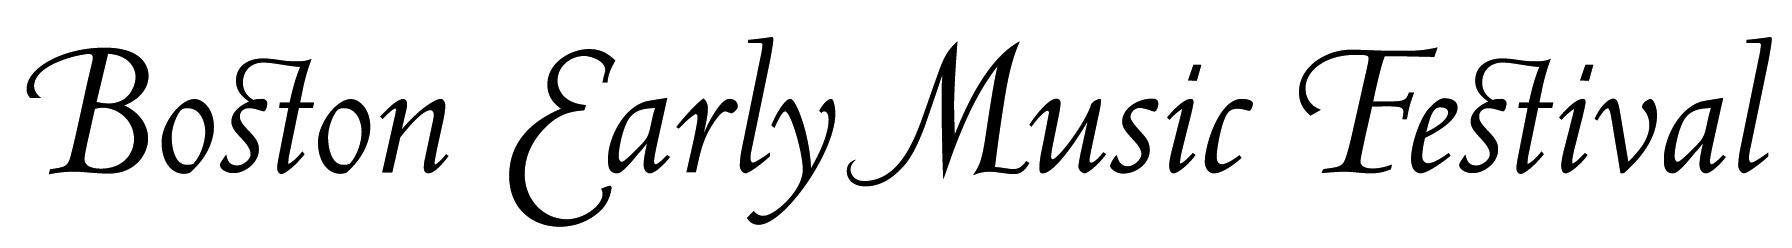 bemf_logo.jpg